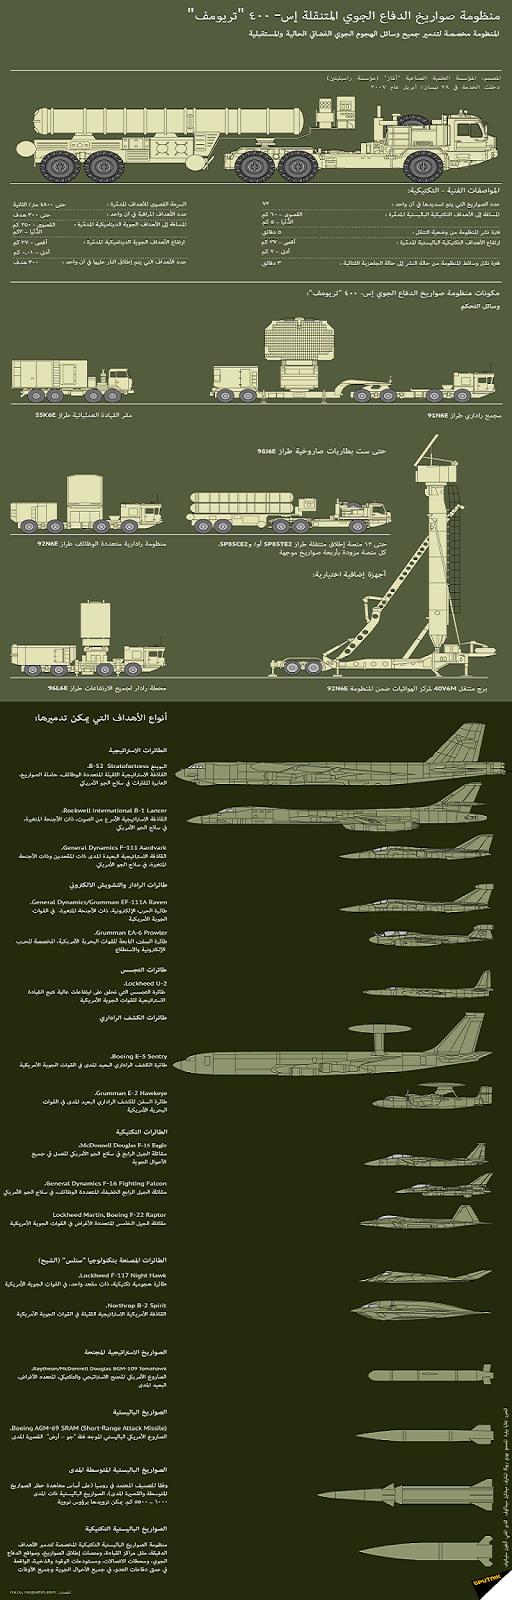 """ماذا تعرف عن منظومة صواريخ الدفاع الجوي إس- 400 """"تريومف"""""""